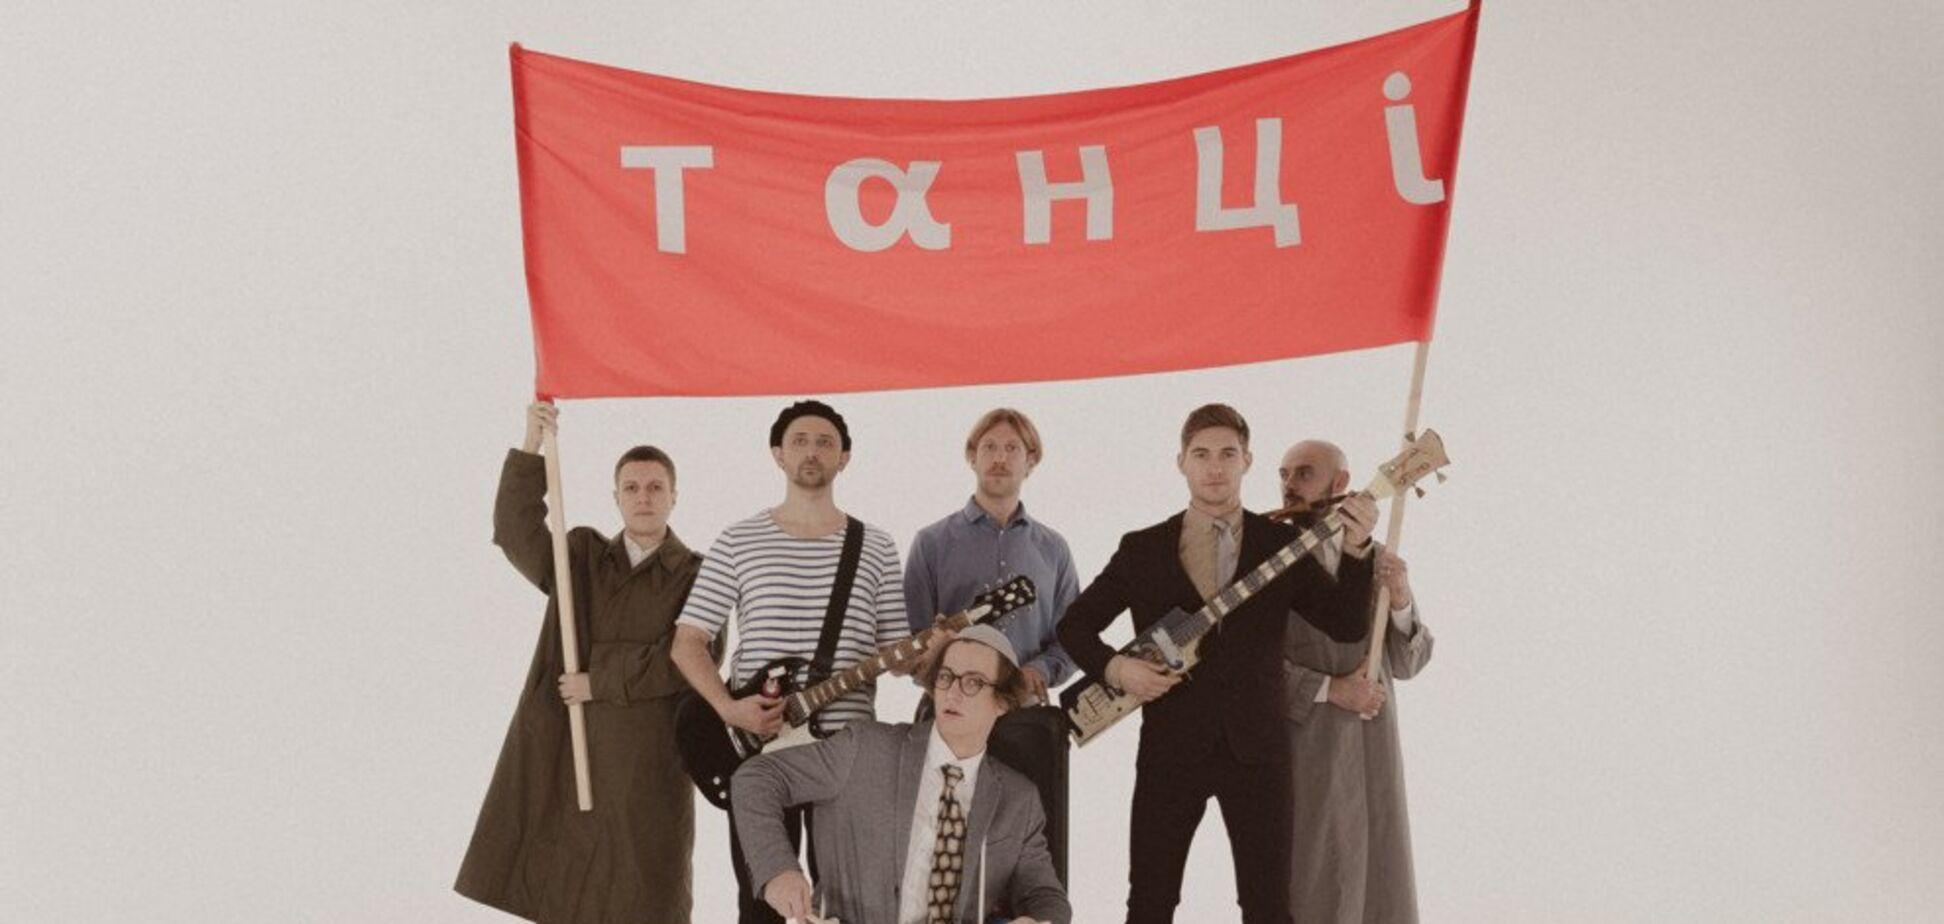 Дорн зняв римейк на перший в історії України кліп: відео